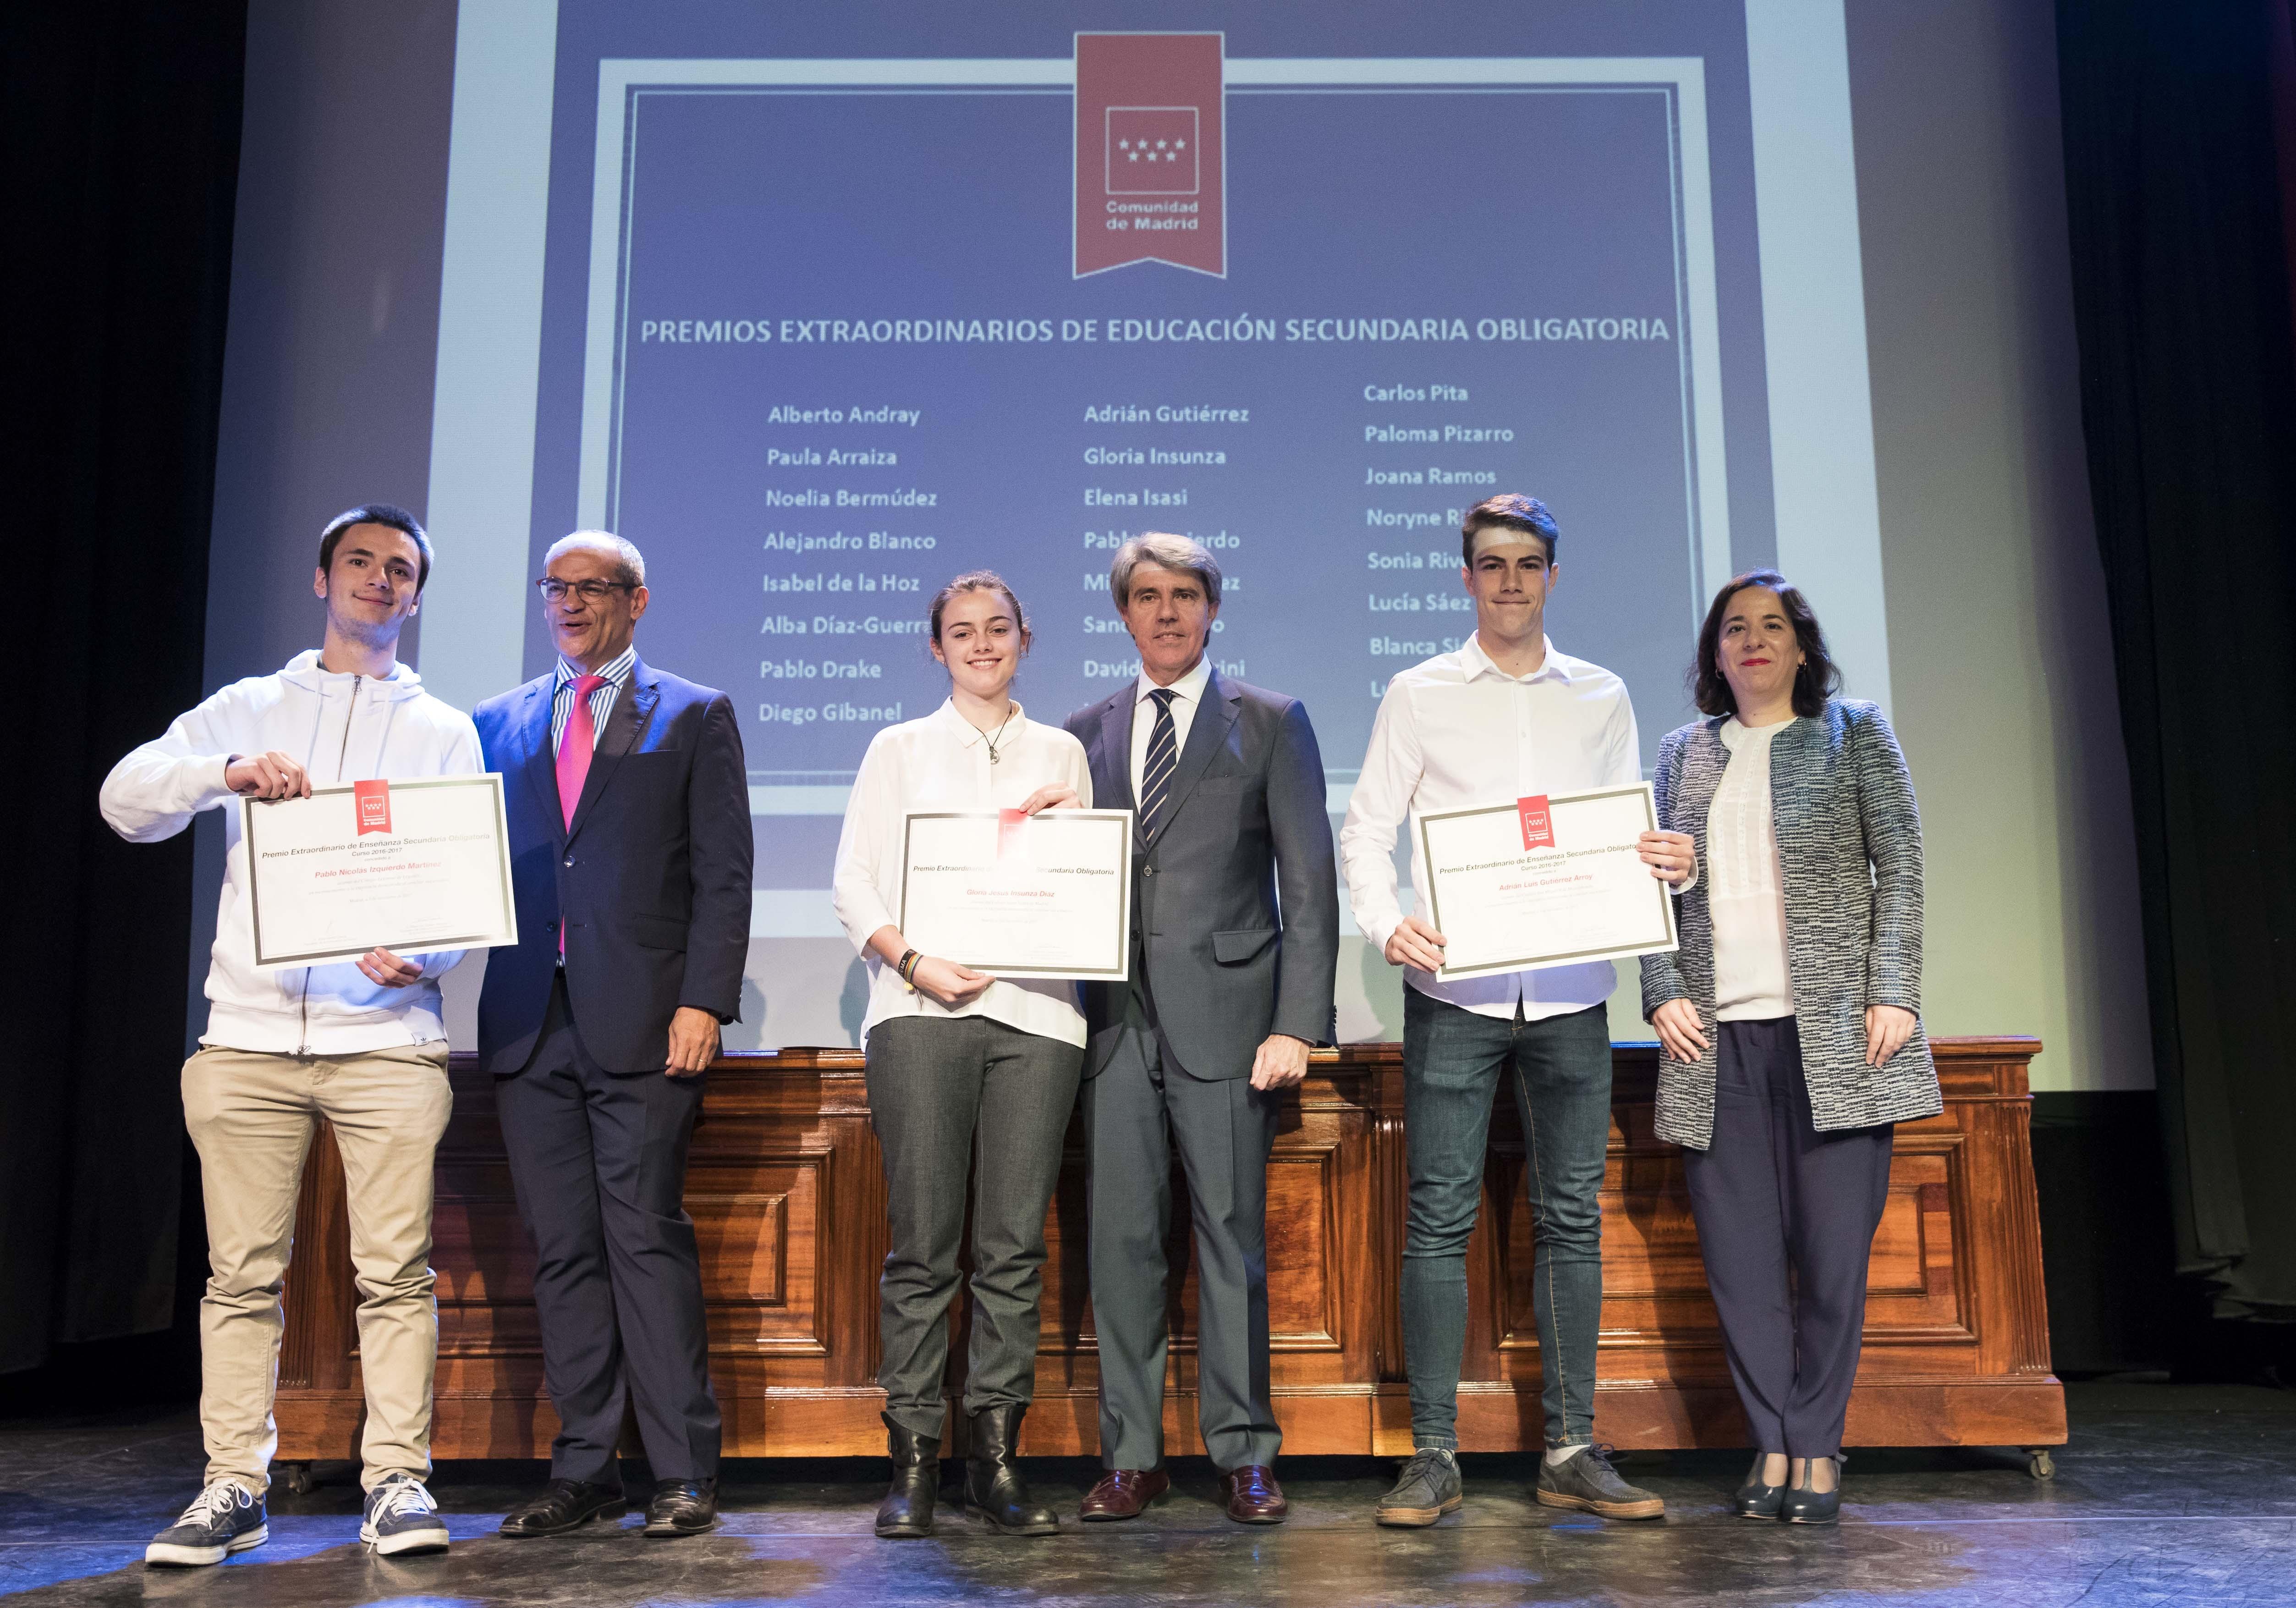 Entrega de los premios extraordinarios correspondientes al curso 2016/2017 19